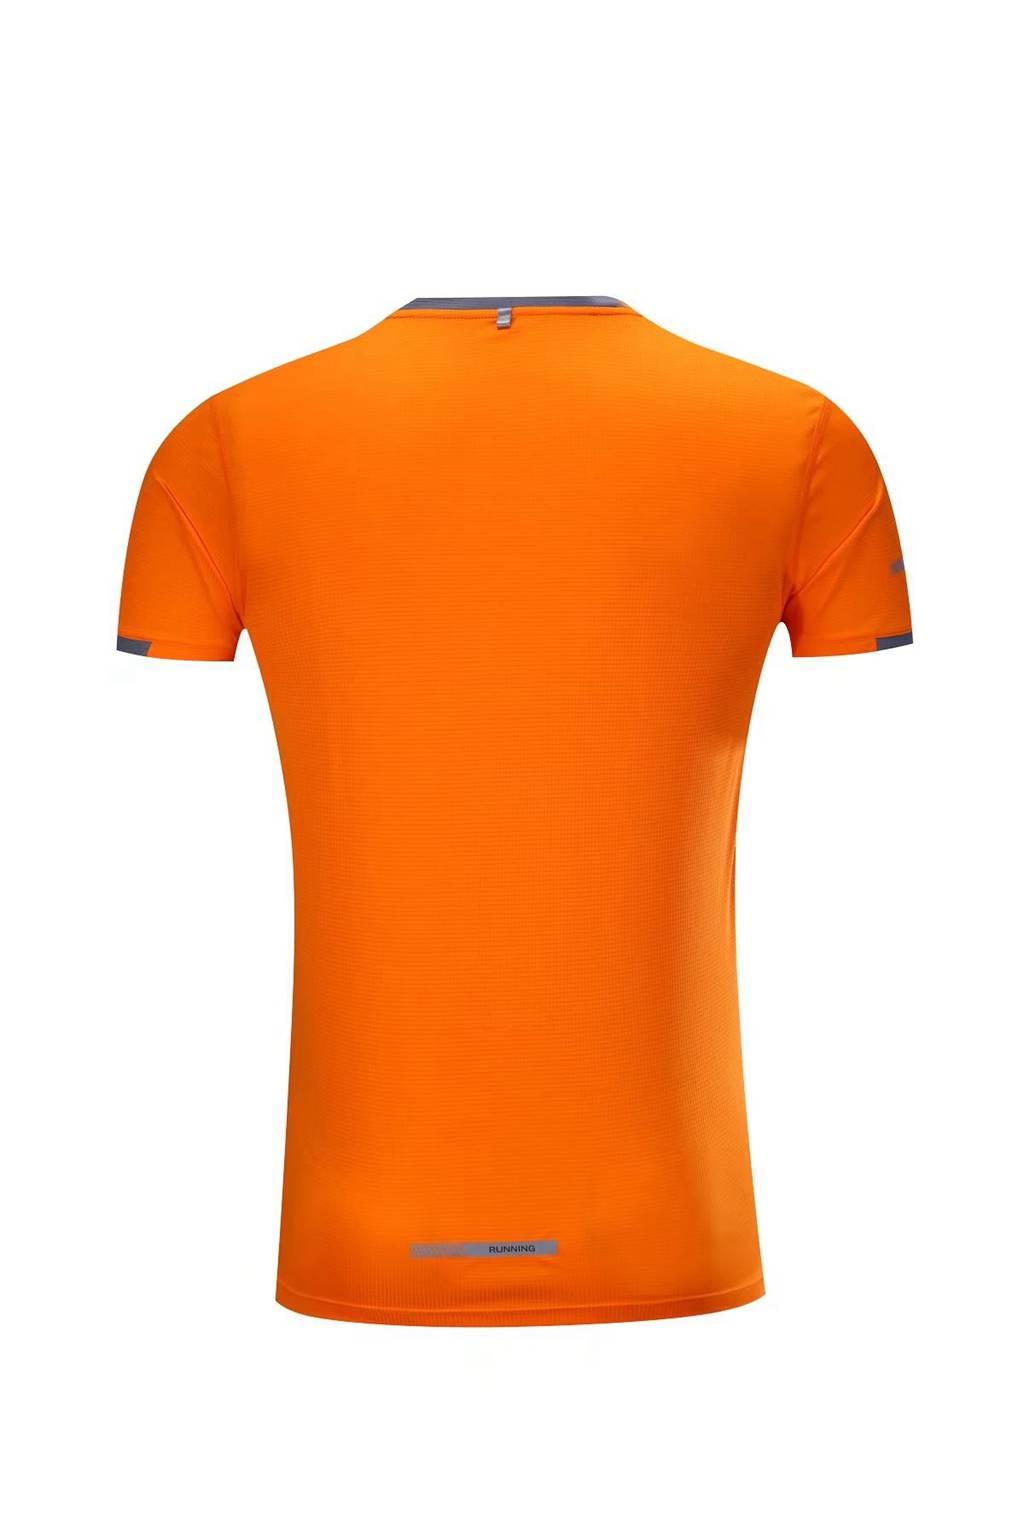 春夏新品 圆领短袖T恤 时尚运动文化衫 荧光橙 3D效果图